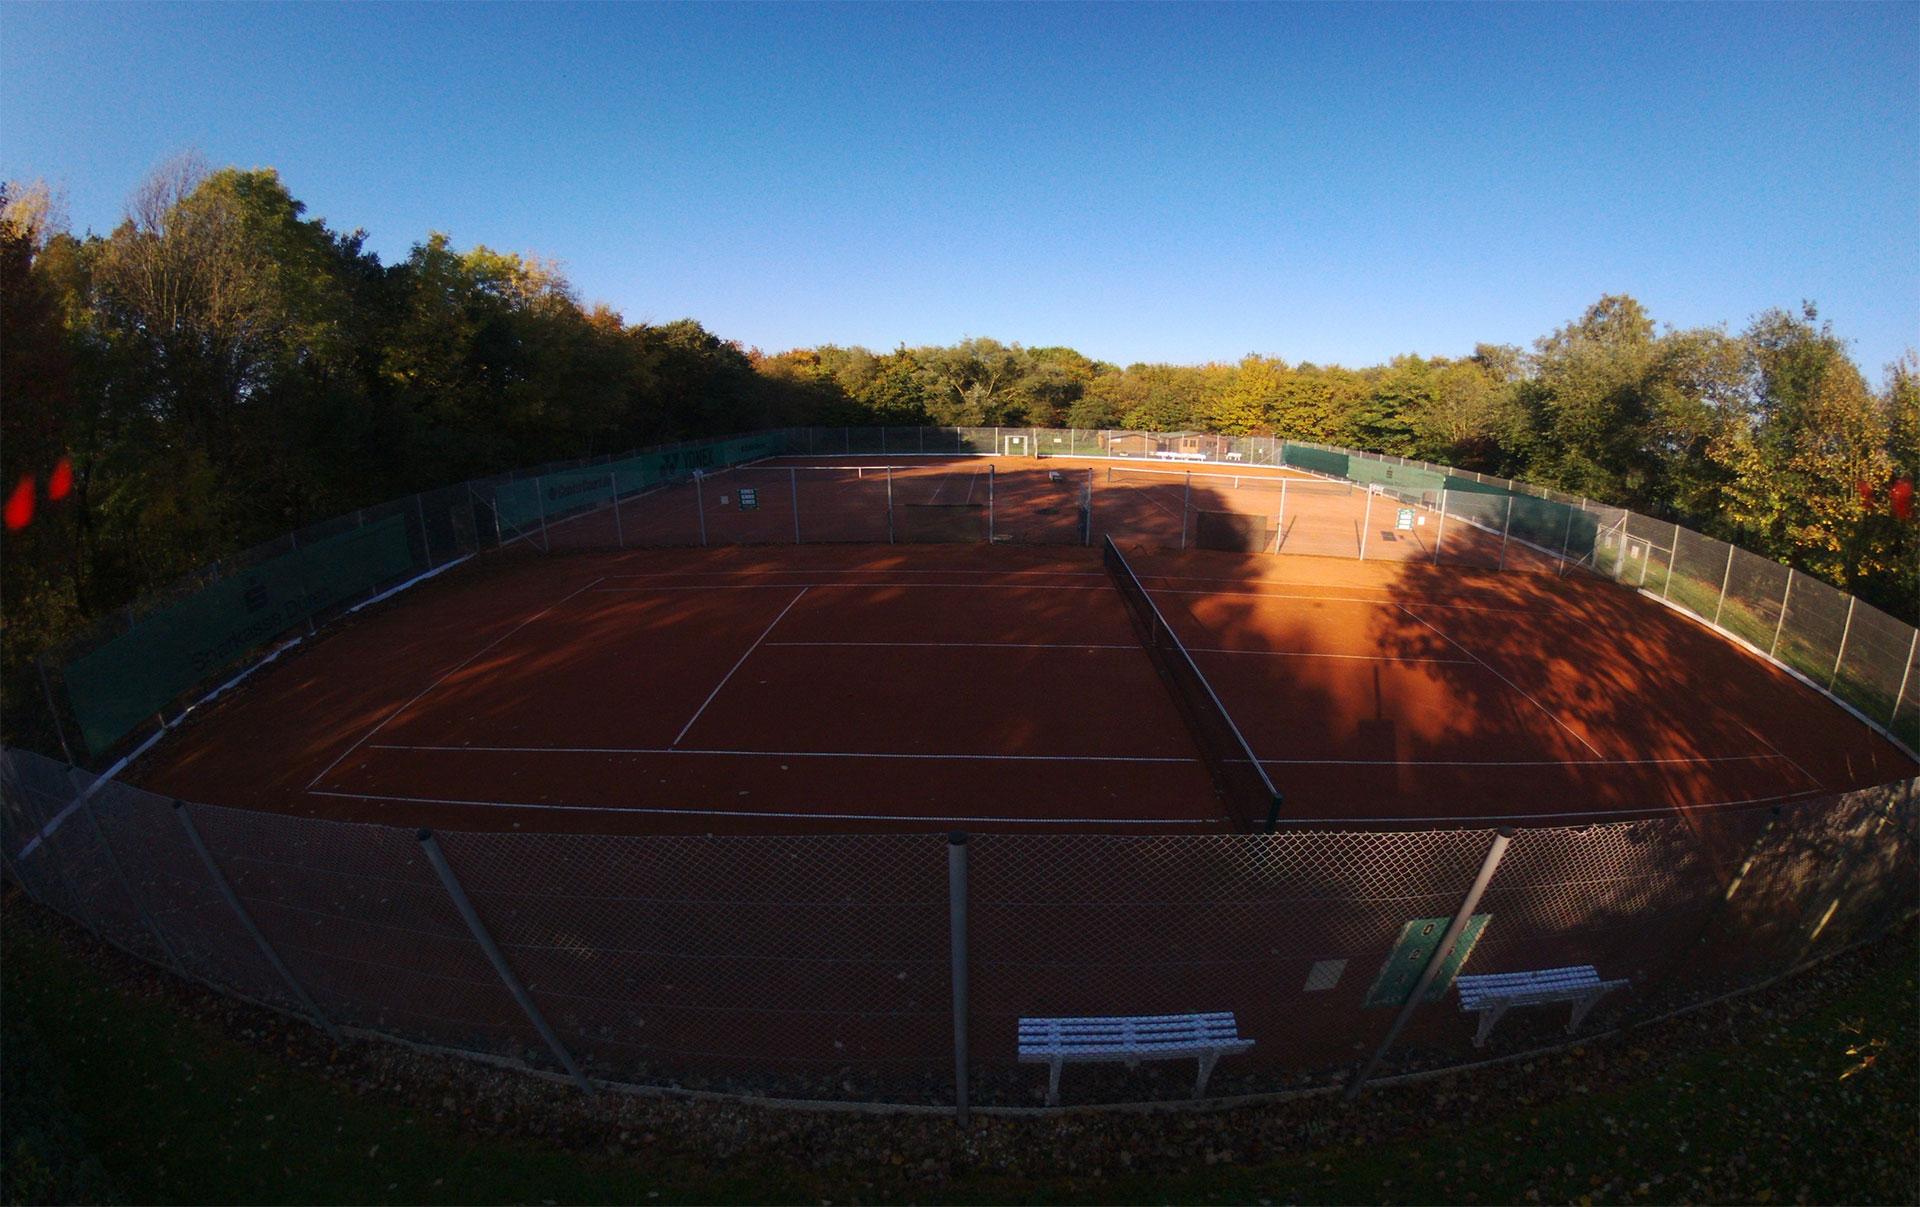 Viktoria_Schlich_Tennis